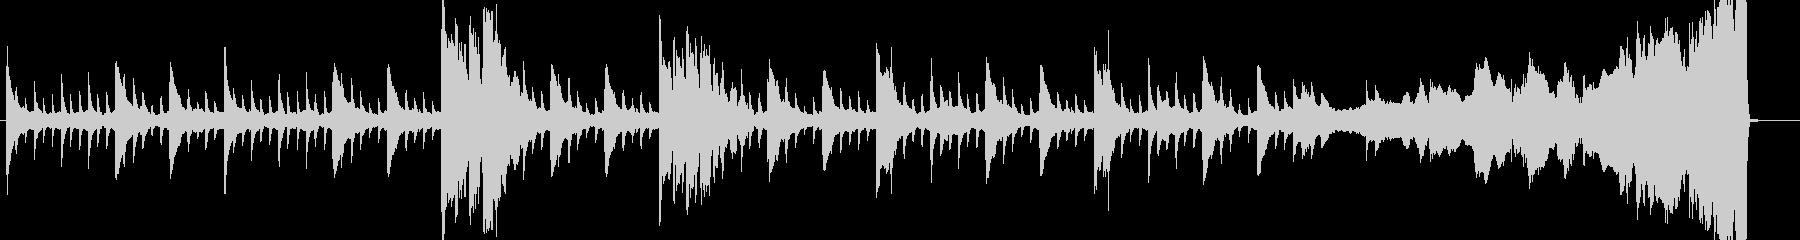 ゴシックホラーなピアノBGMの未再生の波形